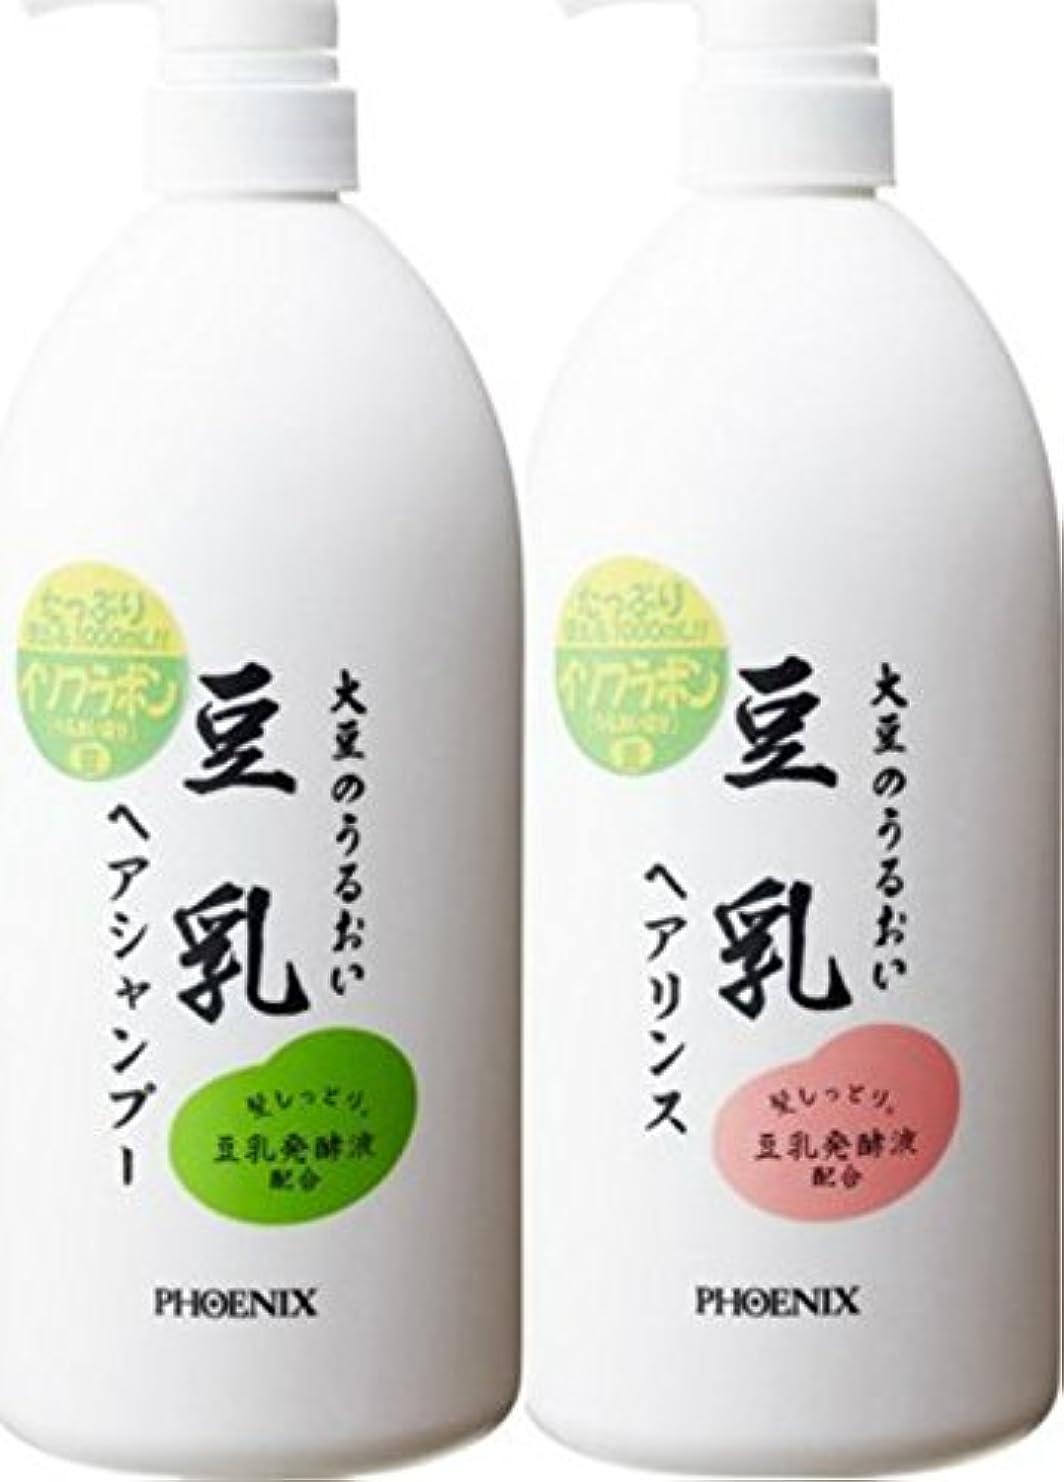 工業化するファンド異形大豆のうるおい 豆乳ヘアシャンプー & ヘアリンス セット 各1000ml